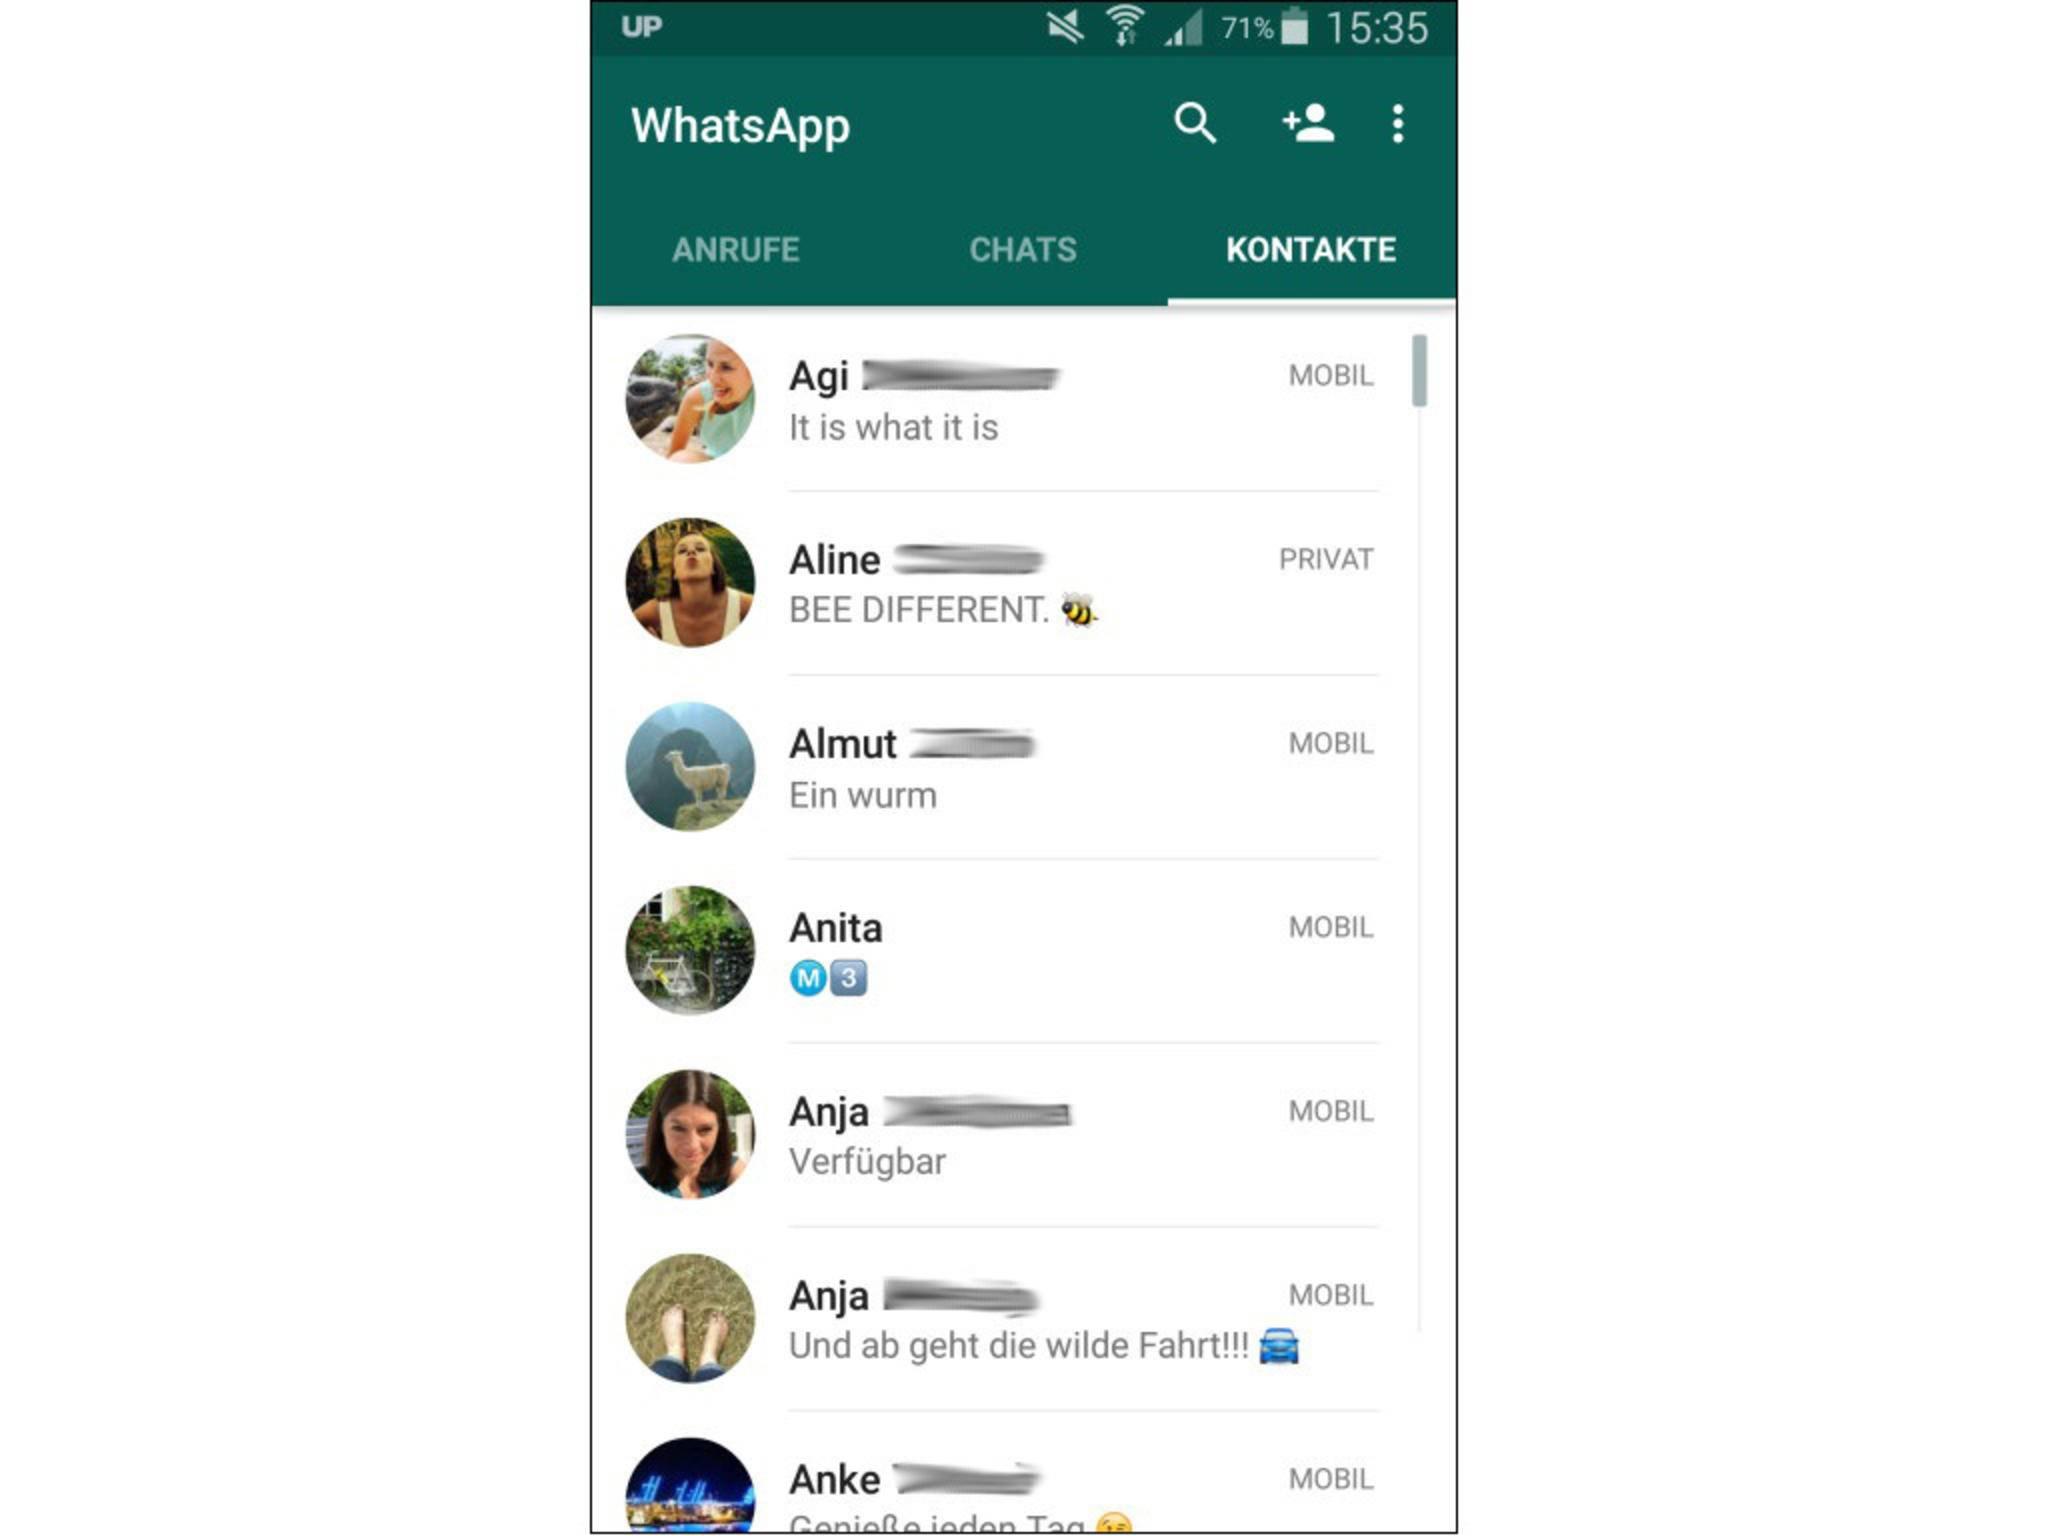 WhatsApp: 77 lustige Status-Sprüche für jede Gelegenheit